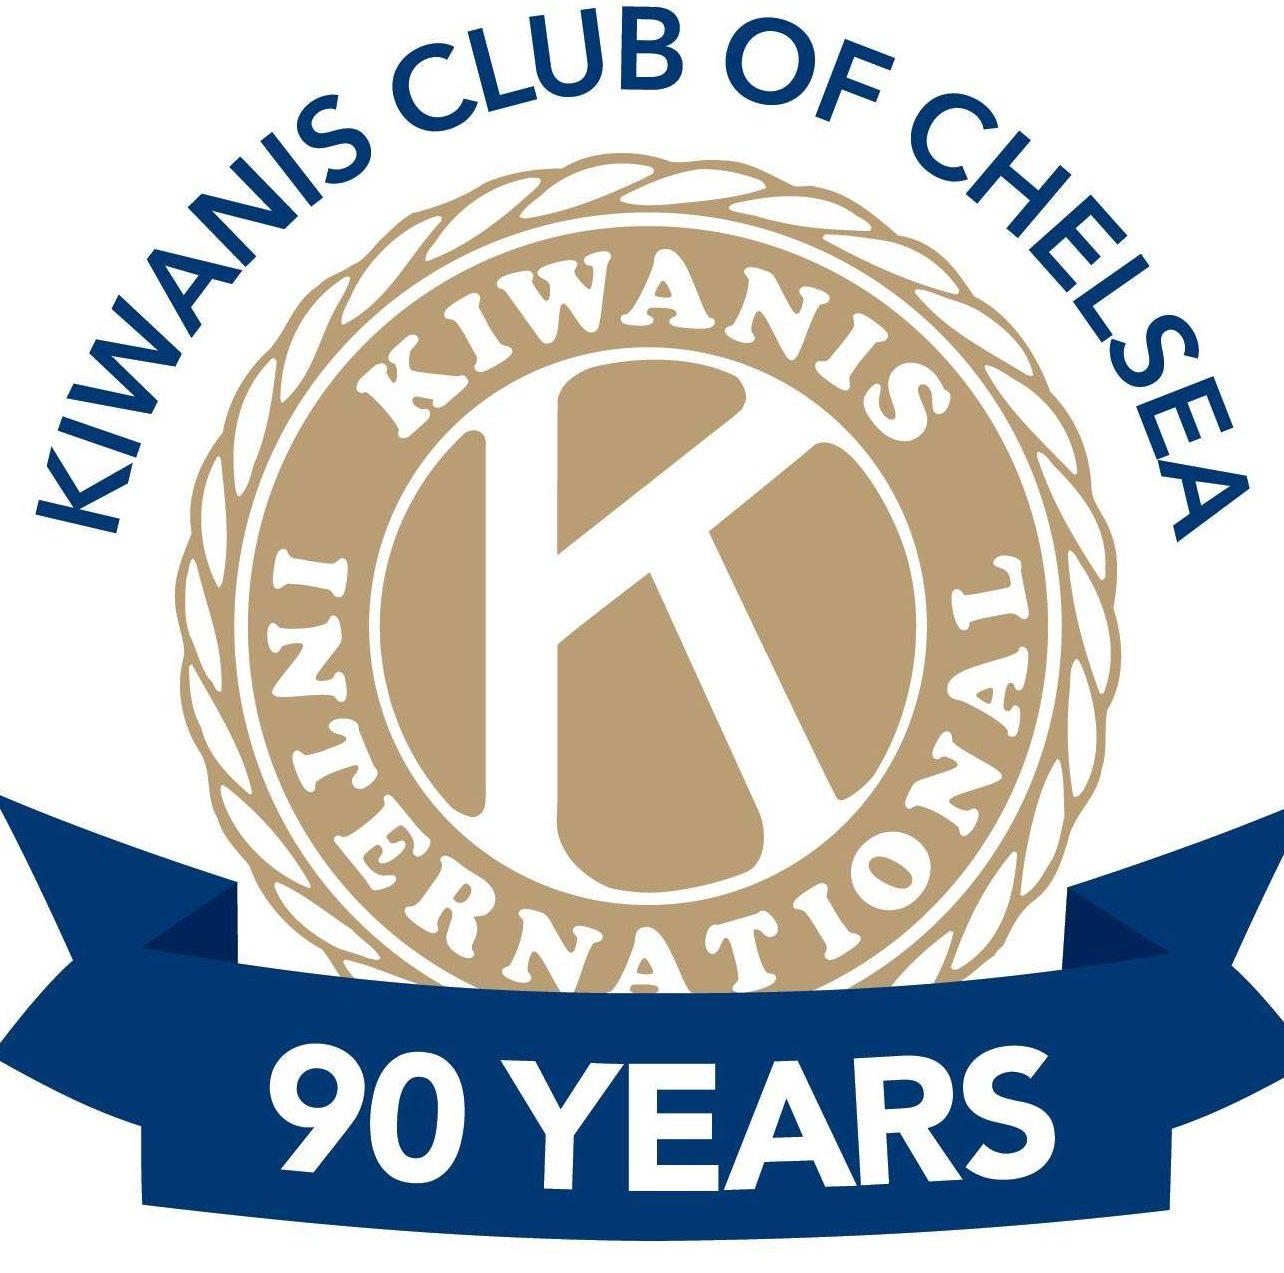 Kiwanis Club of Chelsea